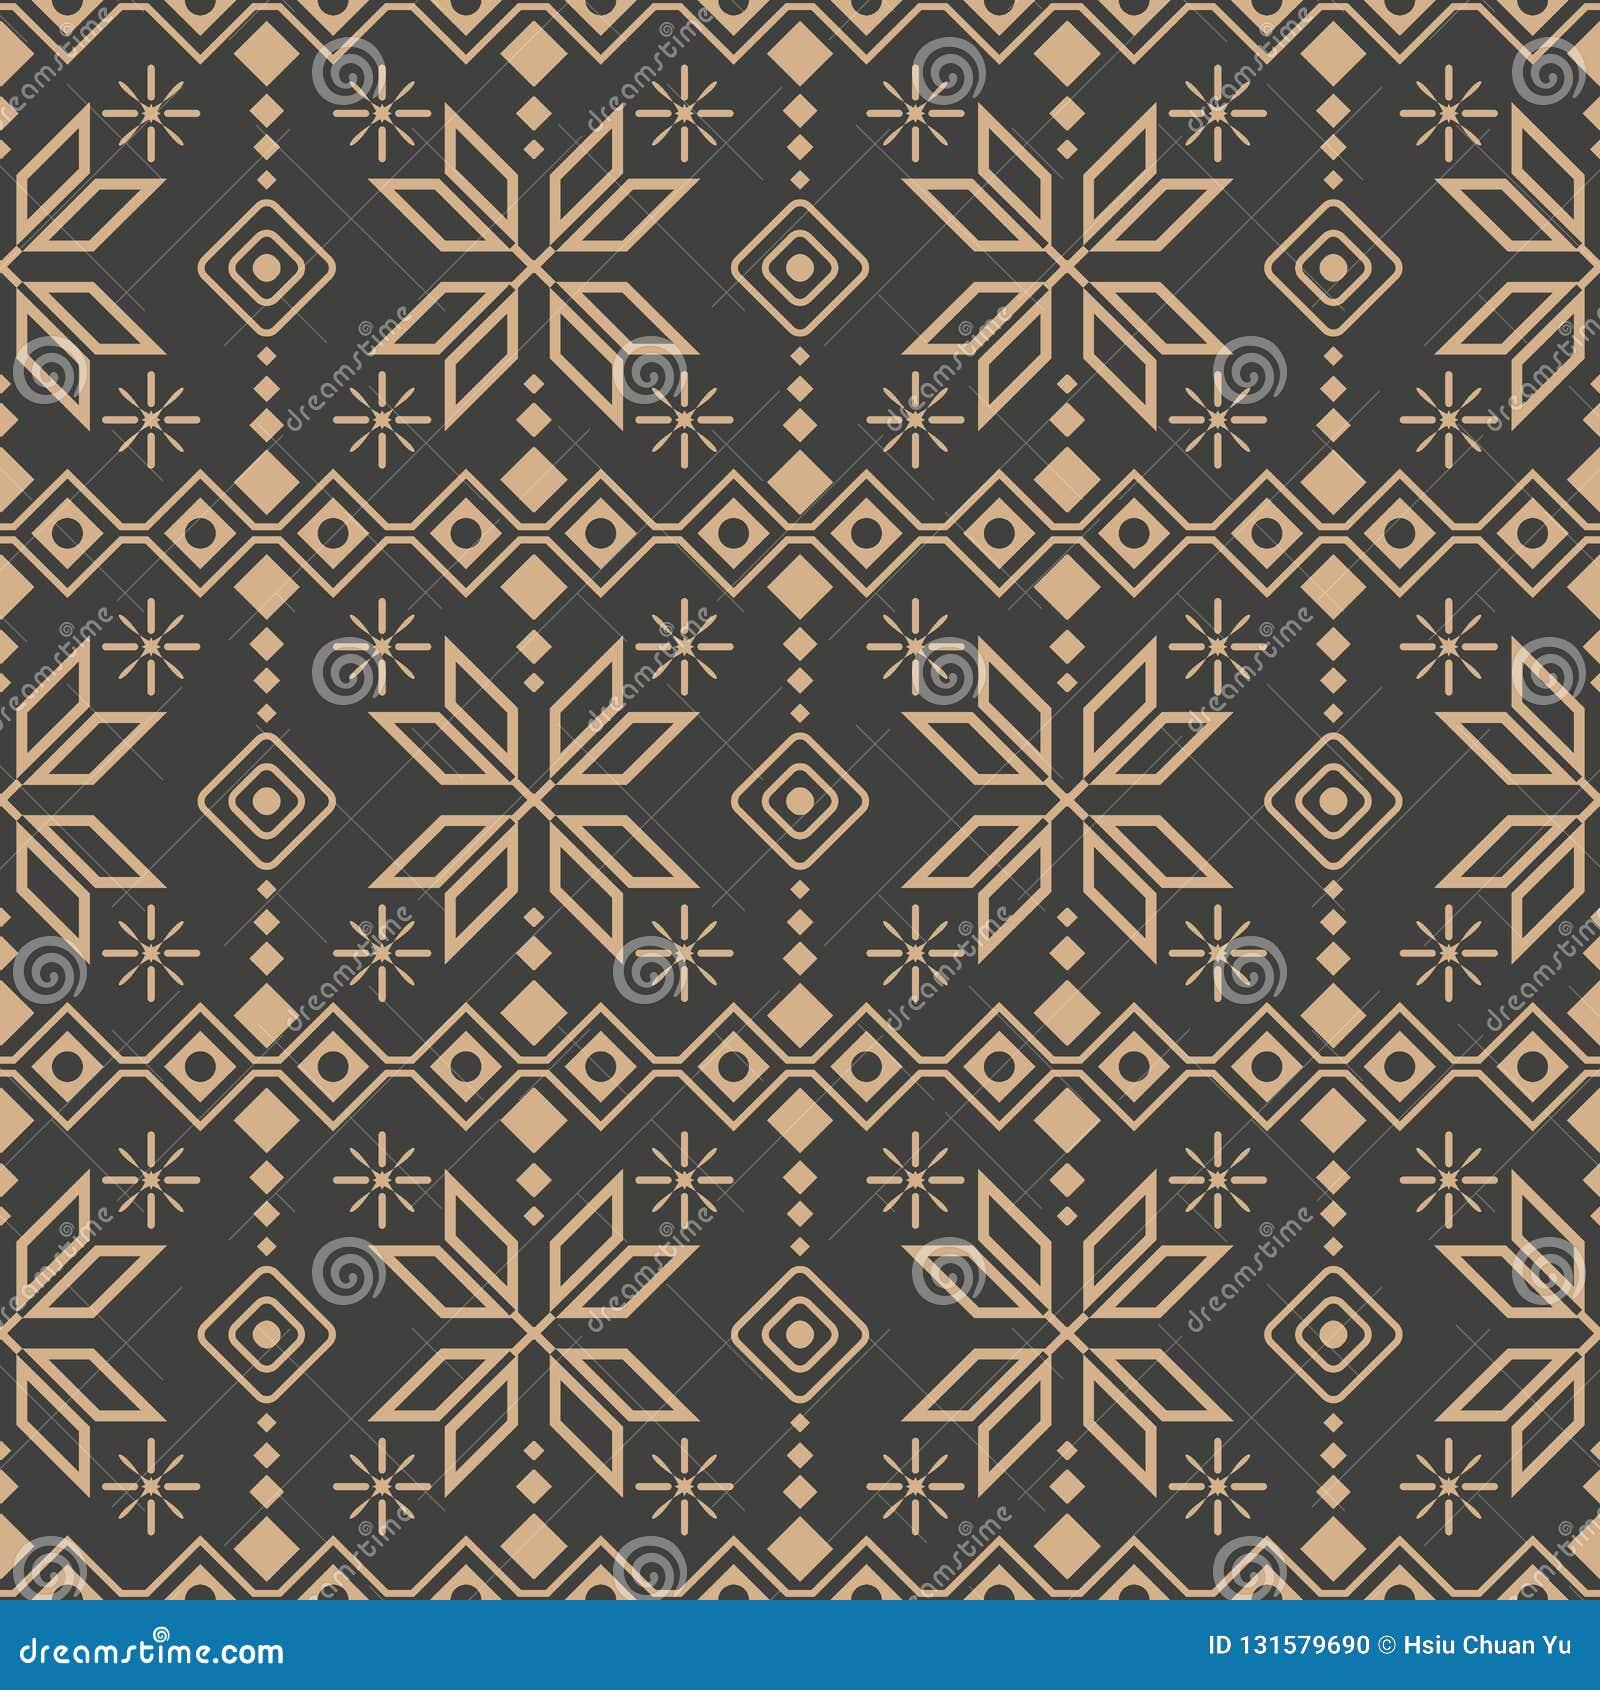 Διανυσματικό damask άνευ ραφής αναδρομικό σχεδίων ελέγχων ιστορικού πολυγώνων λουλούδι γραμμών πλαισίων αστεριών γεωμετρίας διαγώ